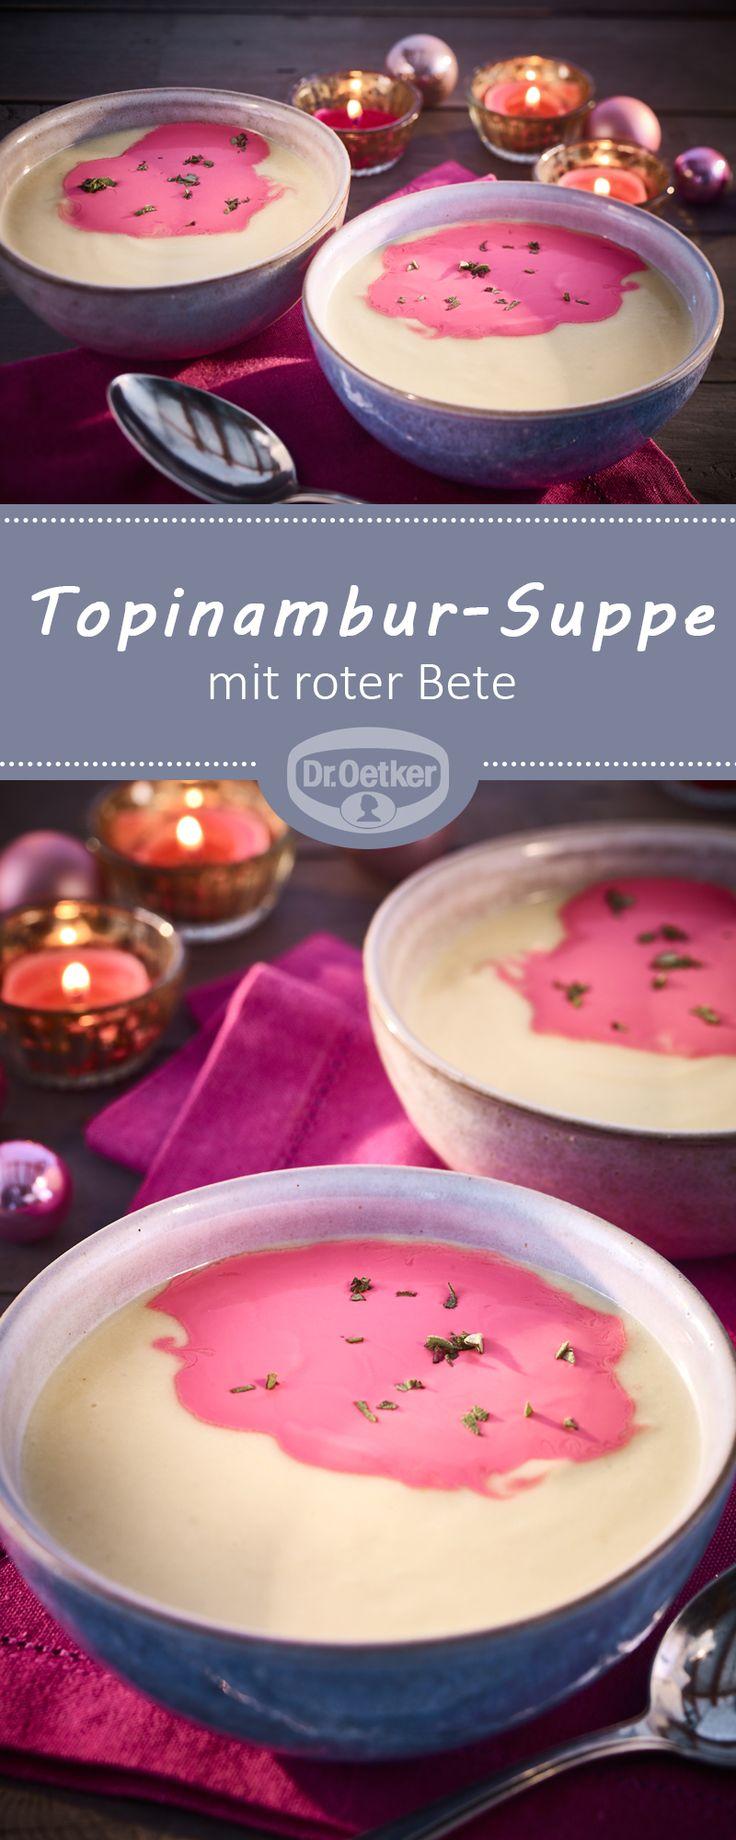 Topinambur-Suppe: Erdartischocken-Cremesuppe raffiniert mit roter Bete